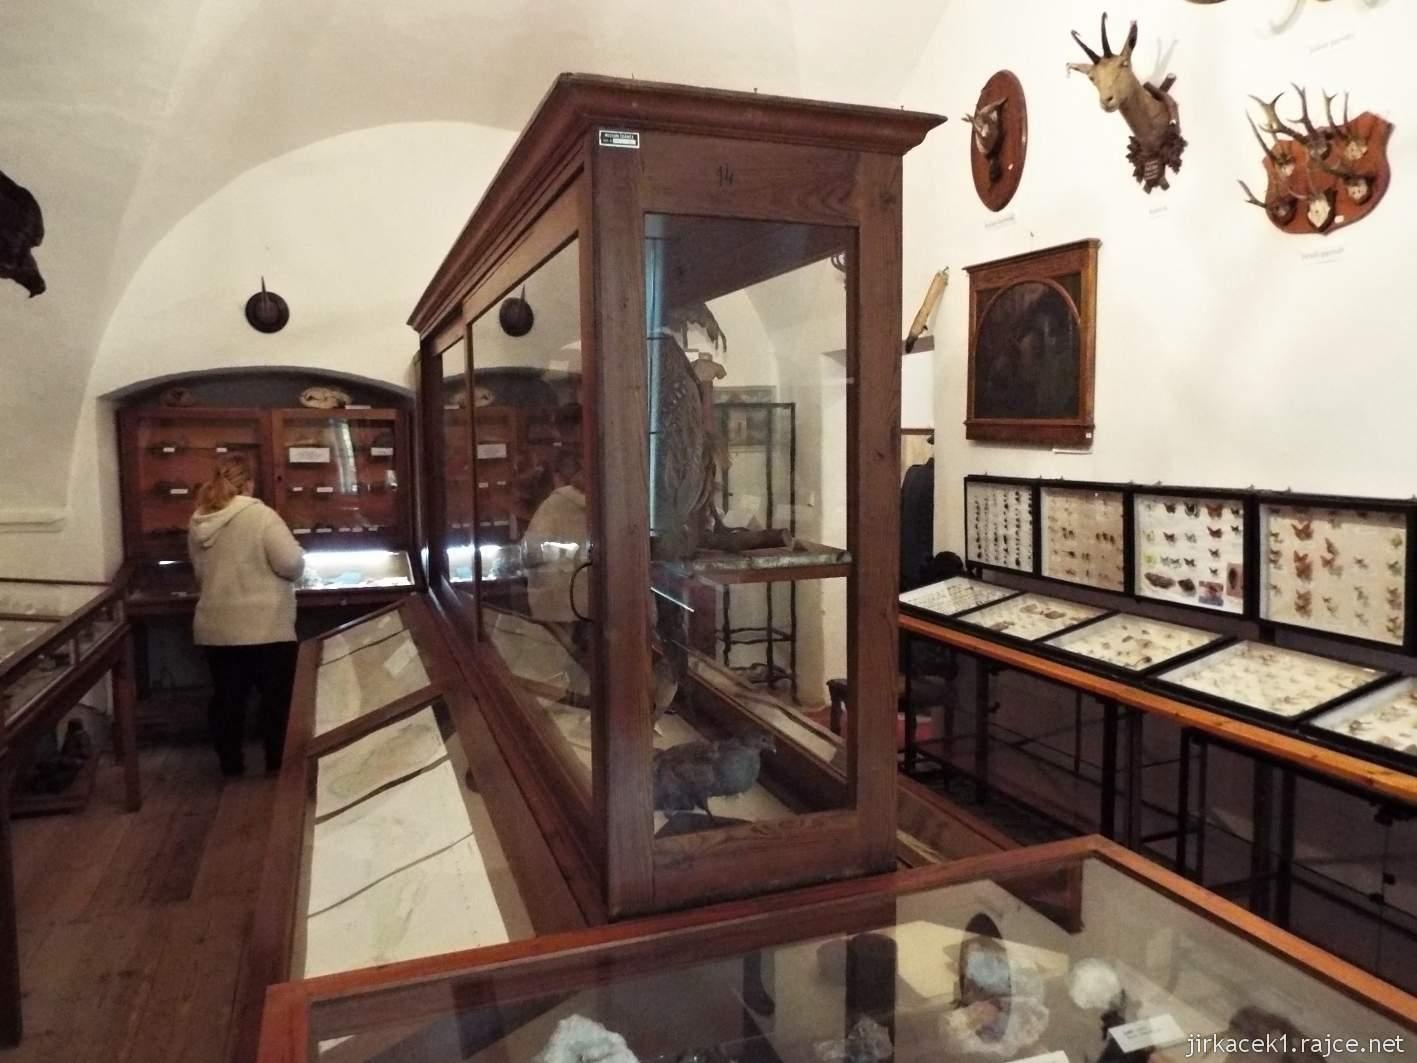 Zámek Ždánice - Vrbasovo muzeum - přírodovědecká expozice minerálů, motýlů